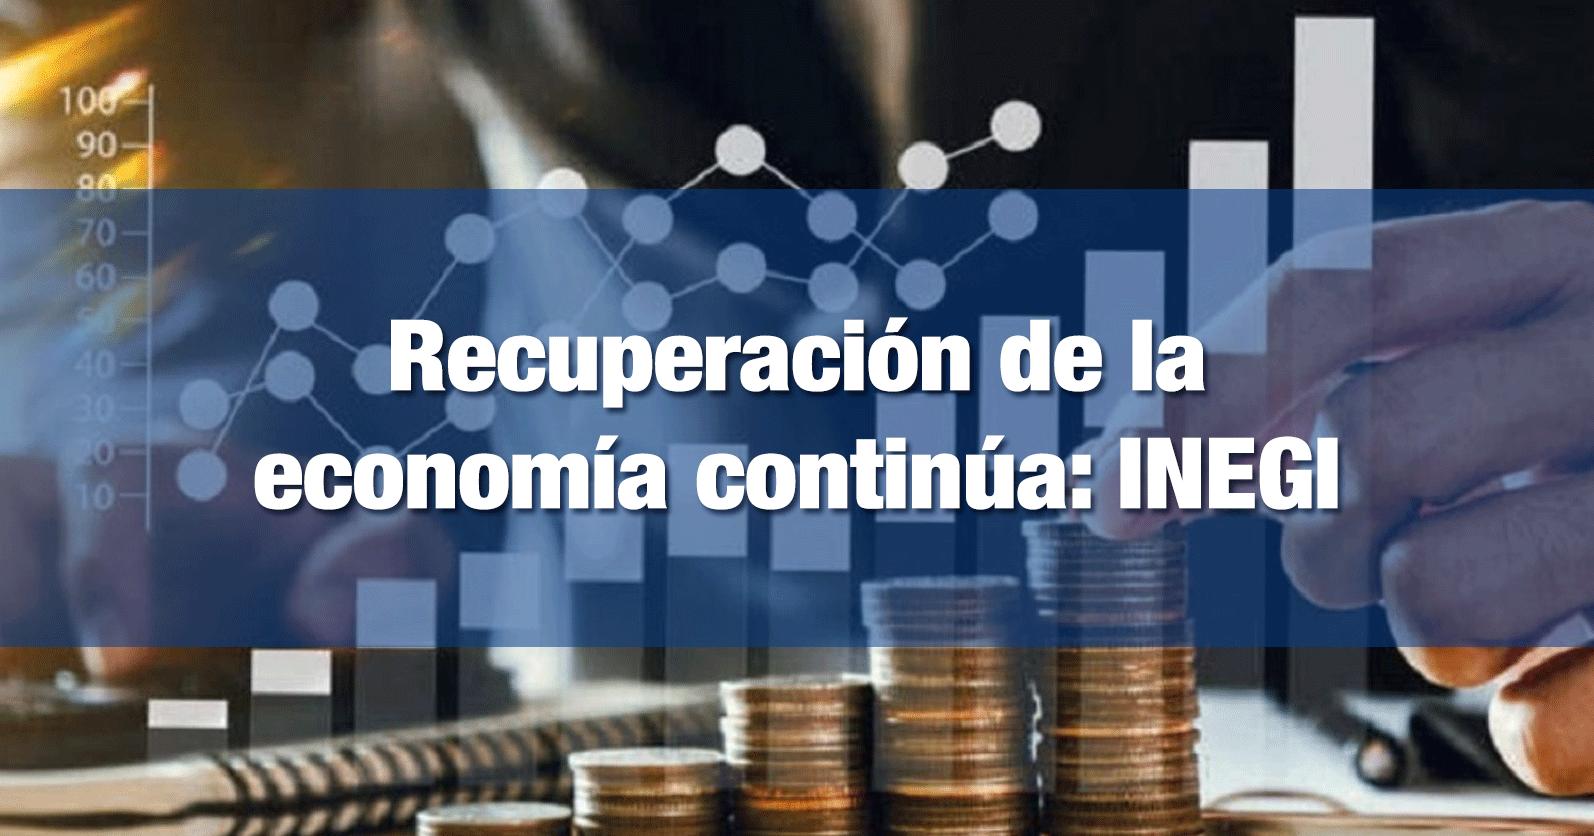 Recuperación de la economía continúa: INEGI